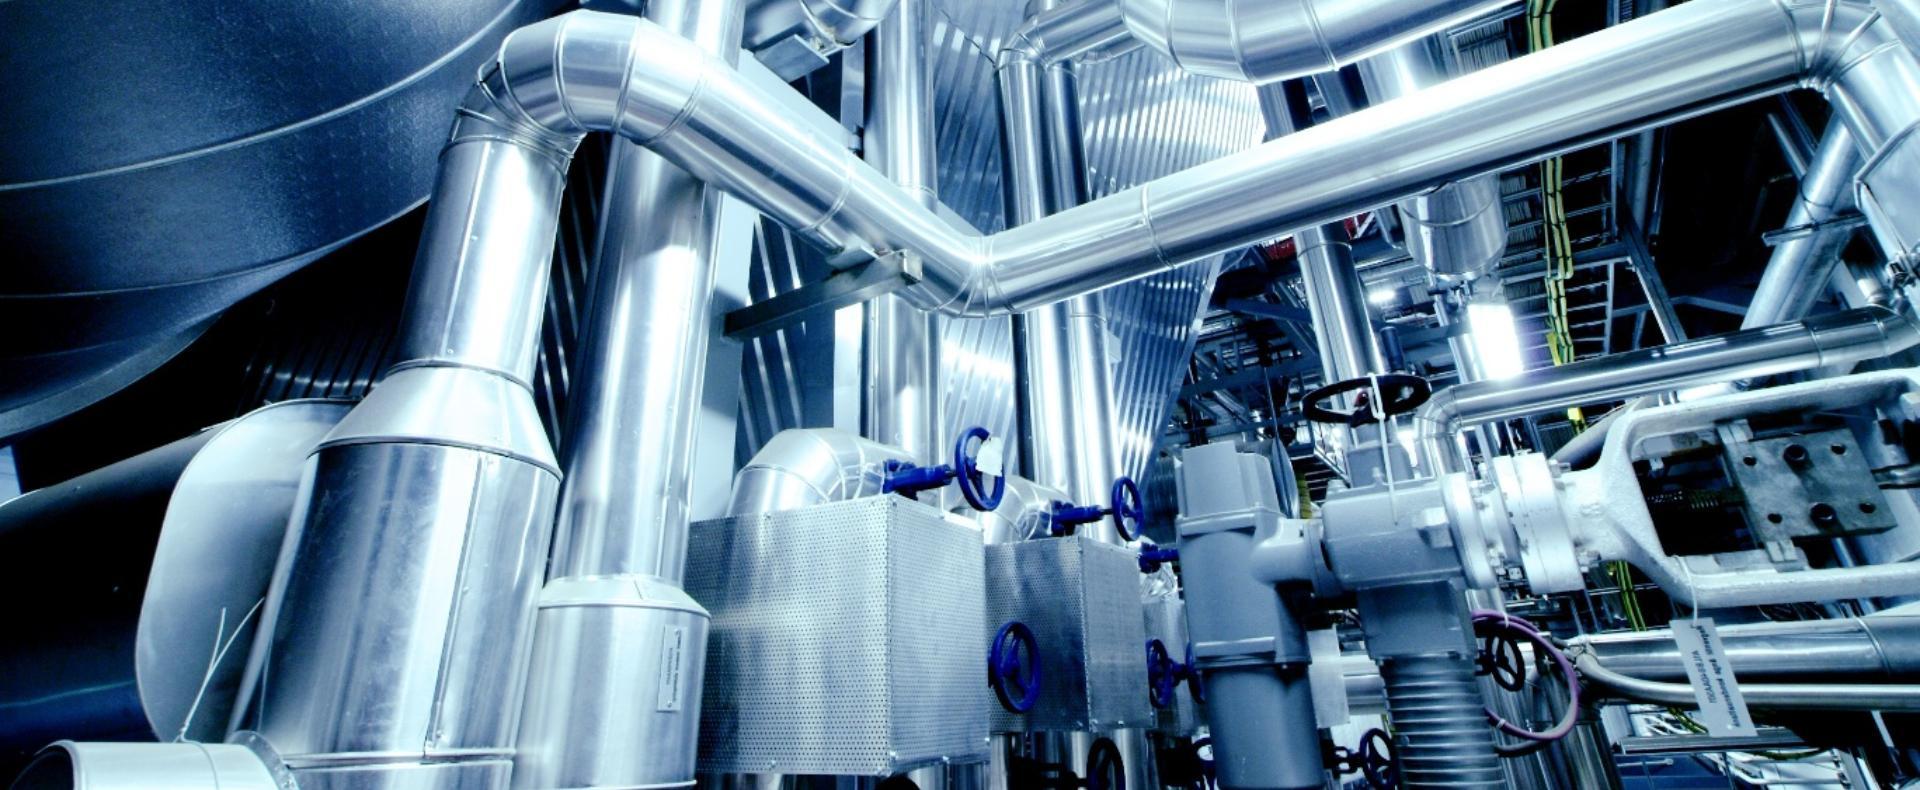 Solução definitiva em Filtração e<br>Transferência de Líquidos<br>